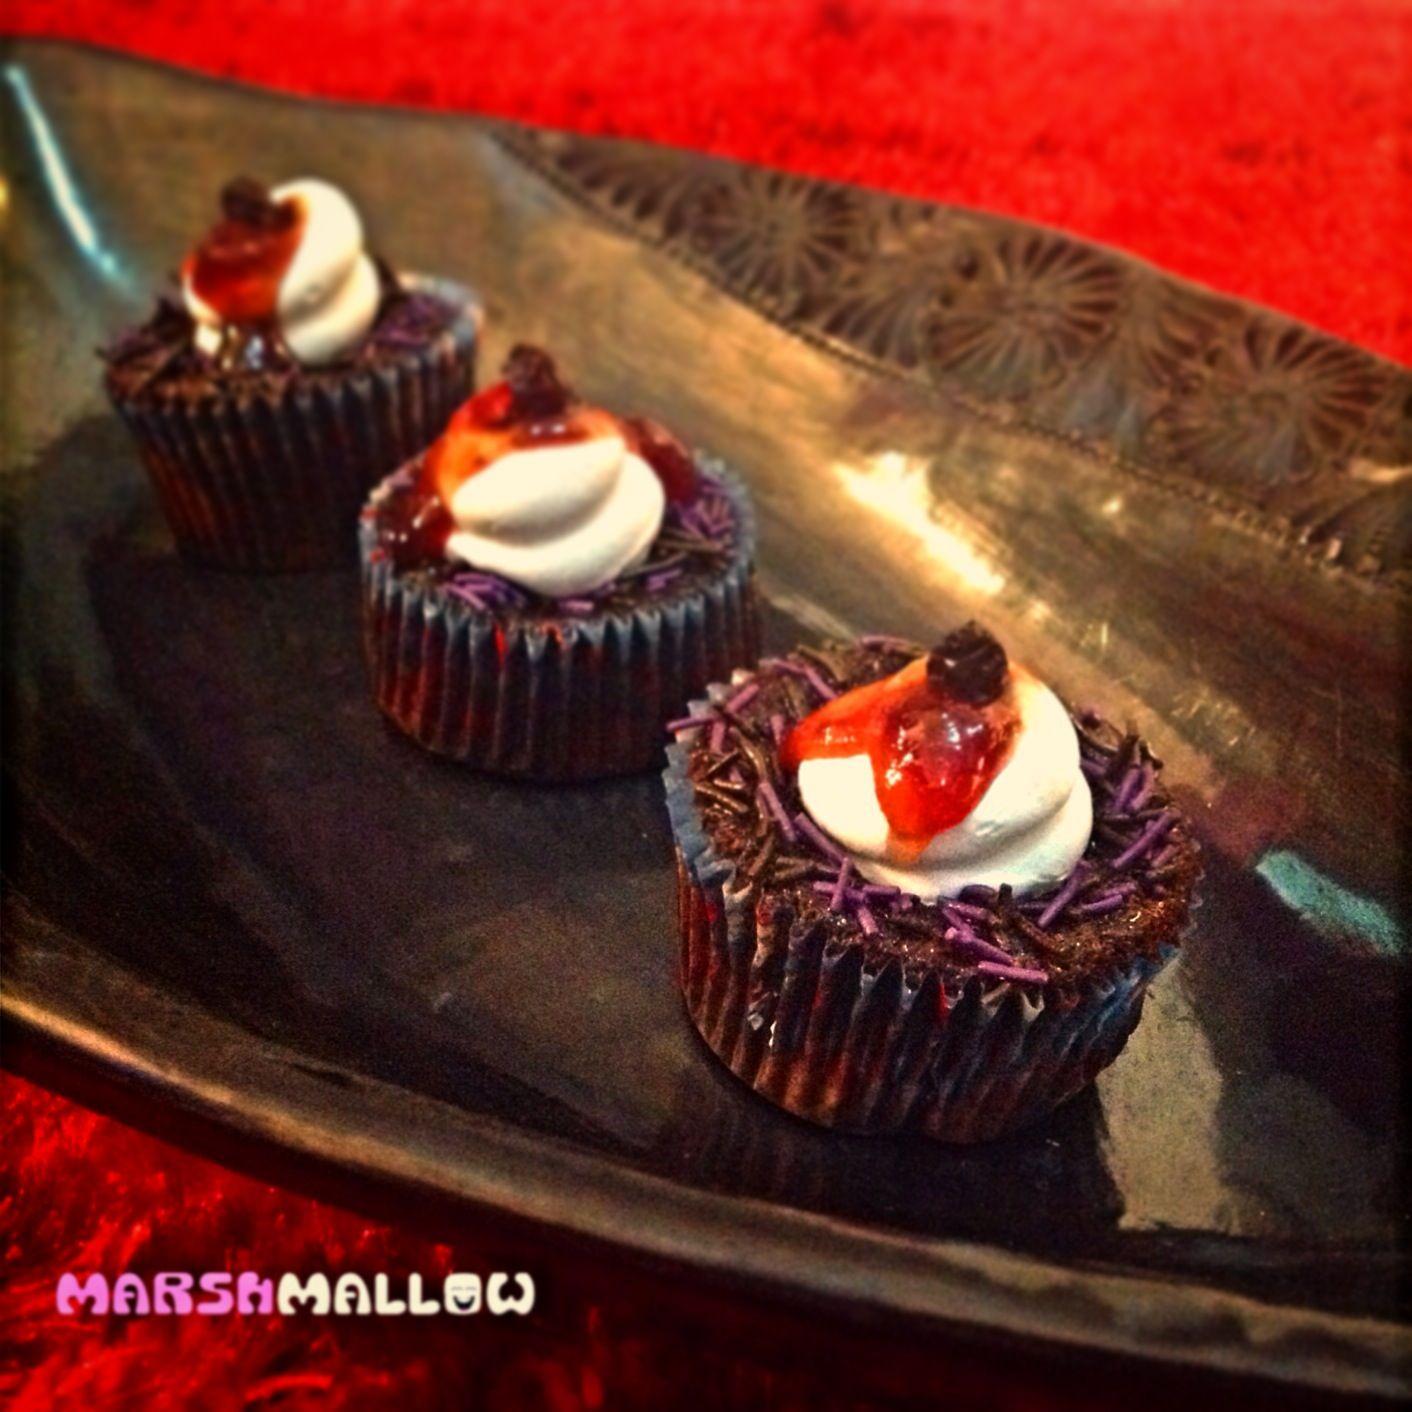 Cupcakes con mix de frutos rojos y platano